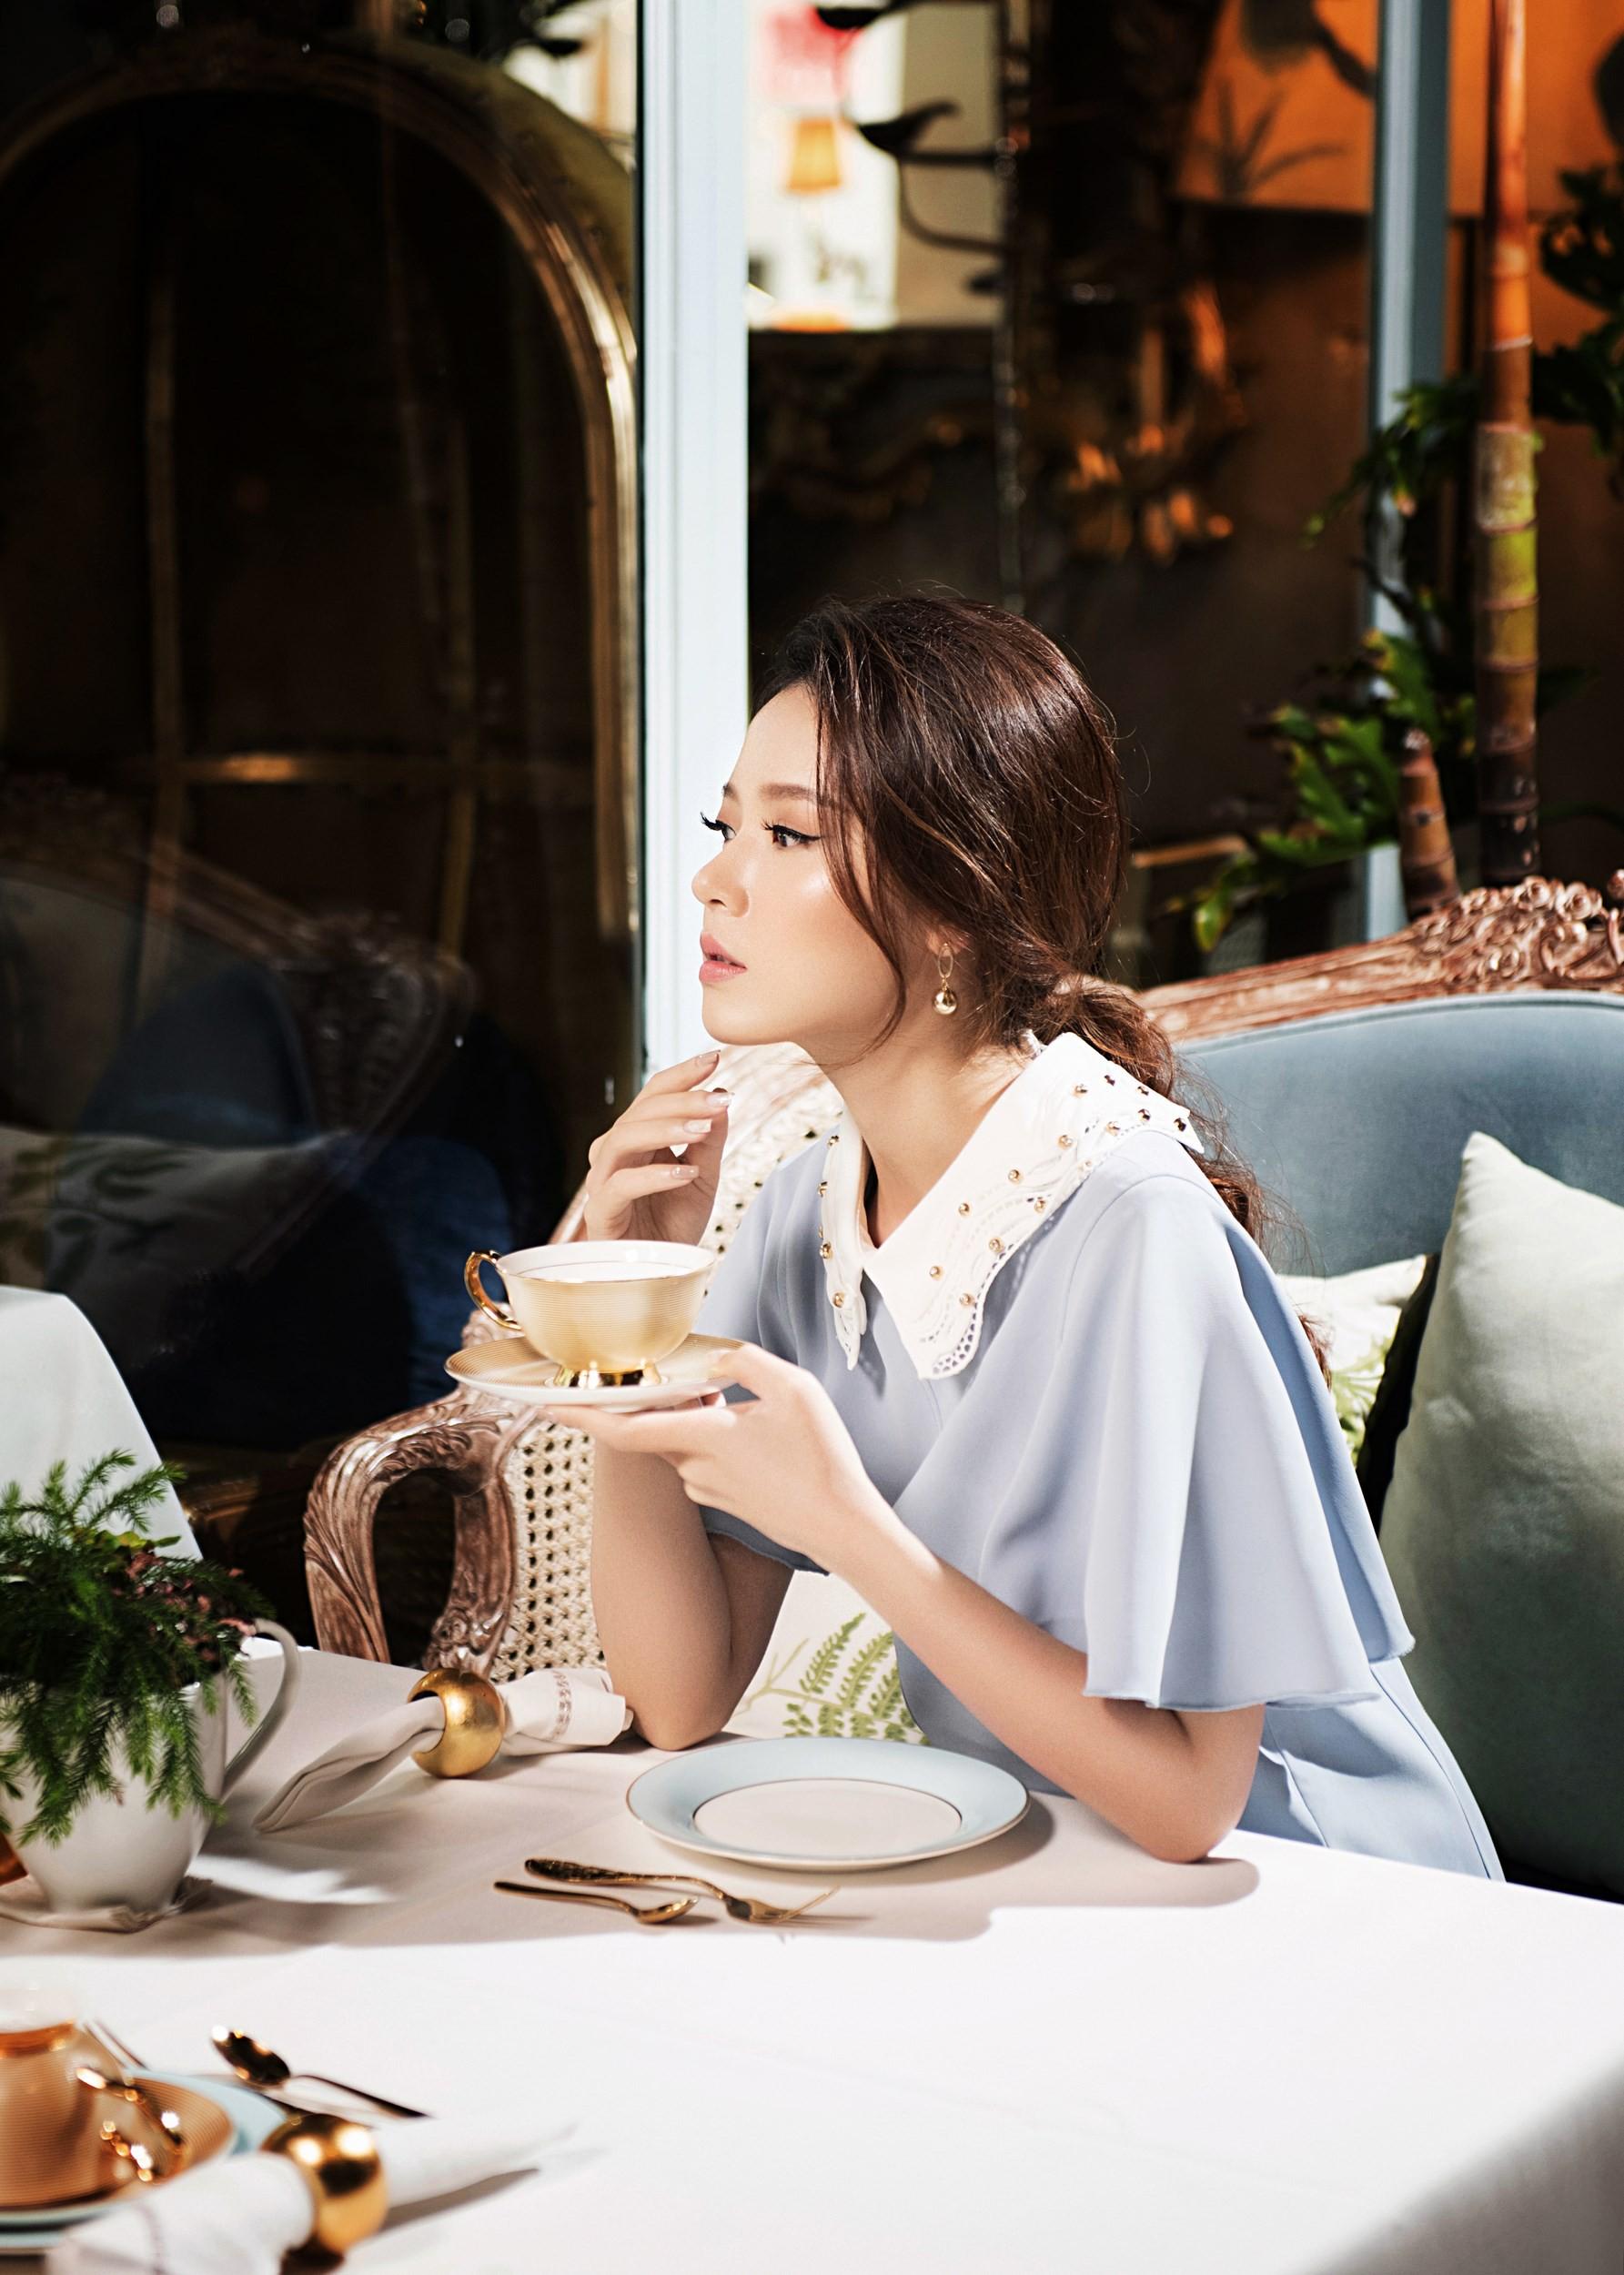 Quý phái bên tách trà chiều, Midu hóa quý cô mơ mộng - Ảnh 1.